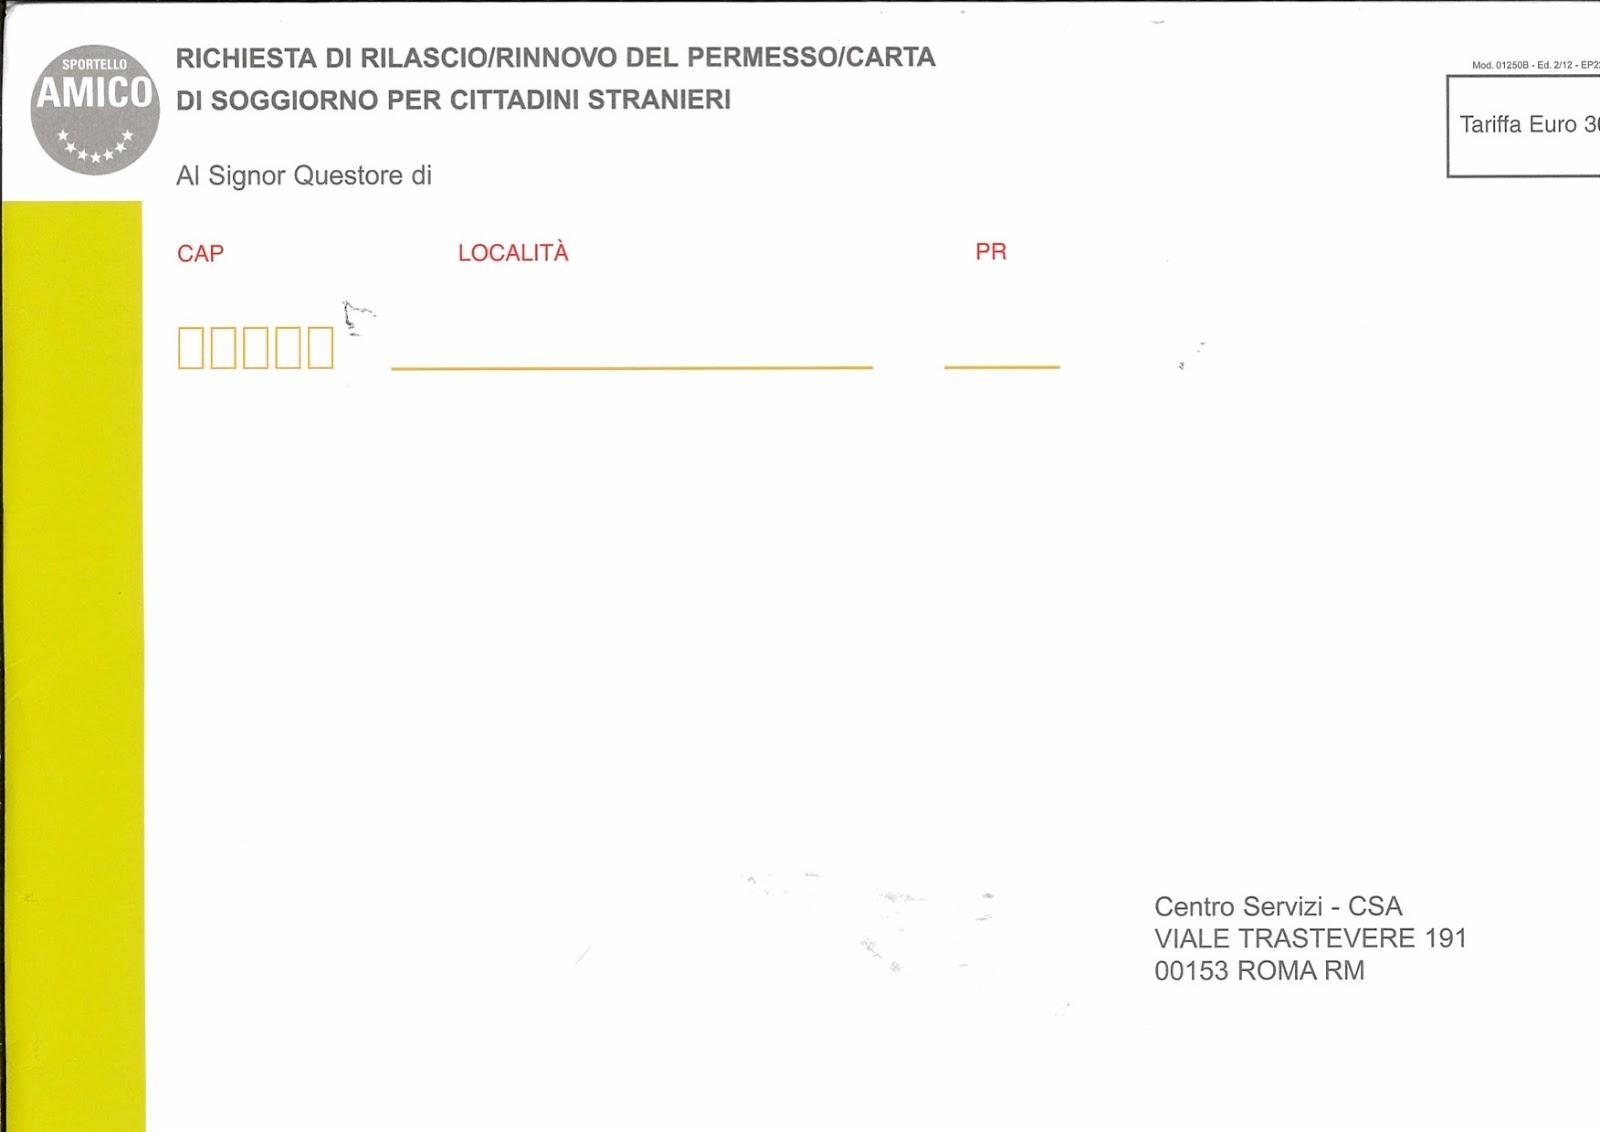 Controllo Permesso Di Soggiorno Online Treviso | Permesso Di ...